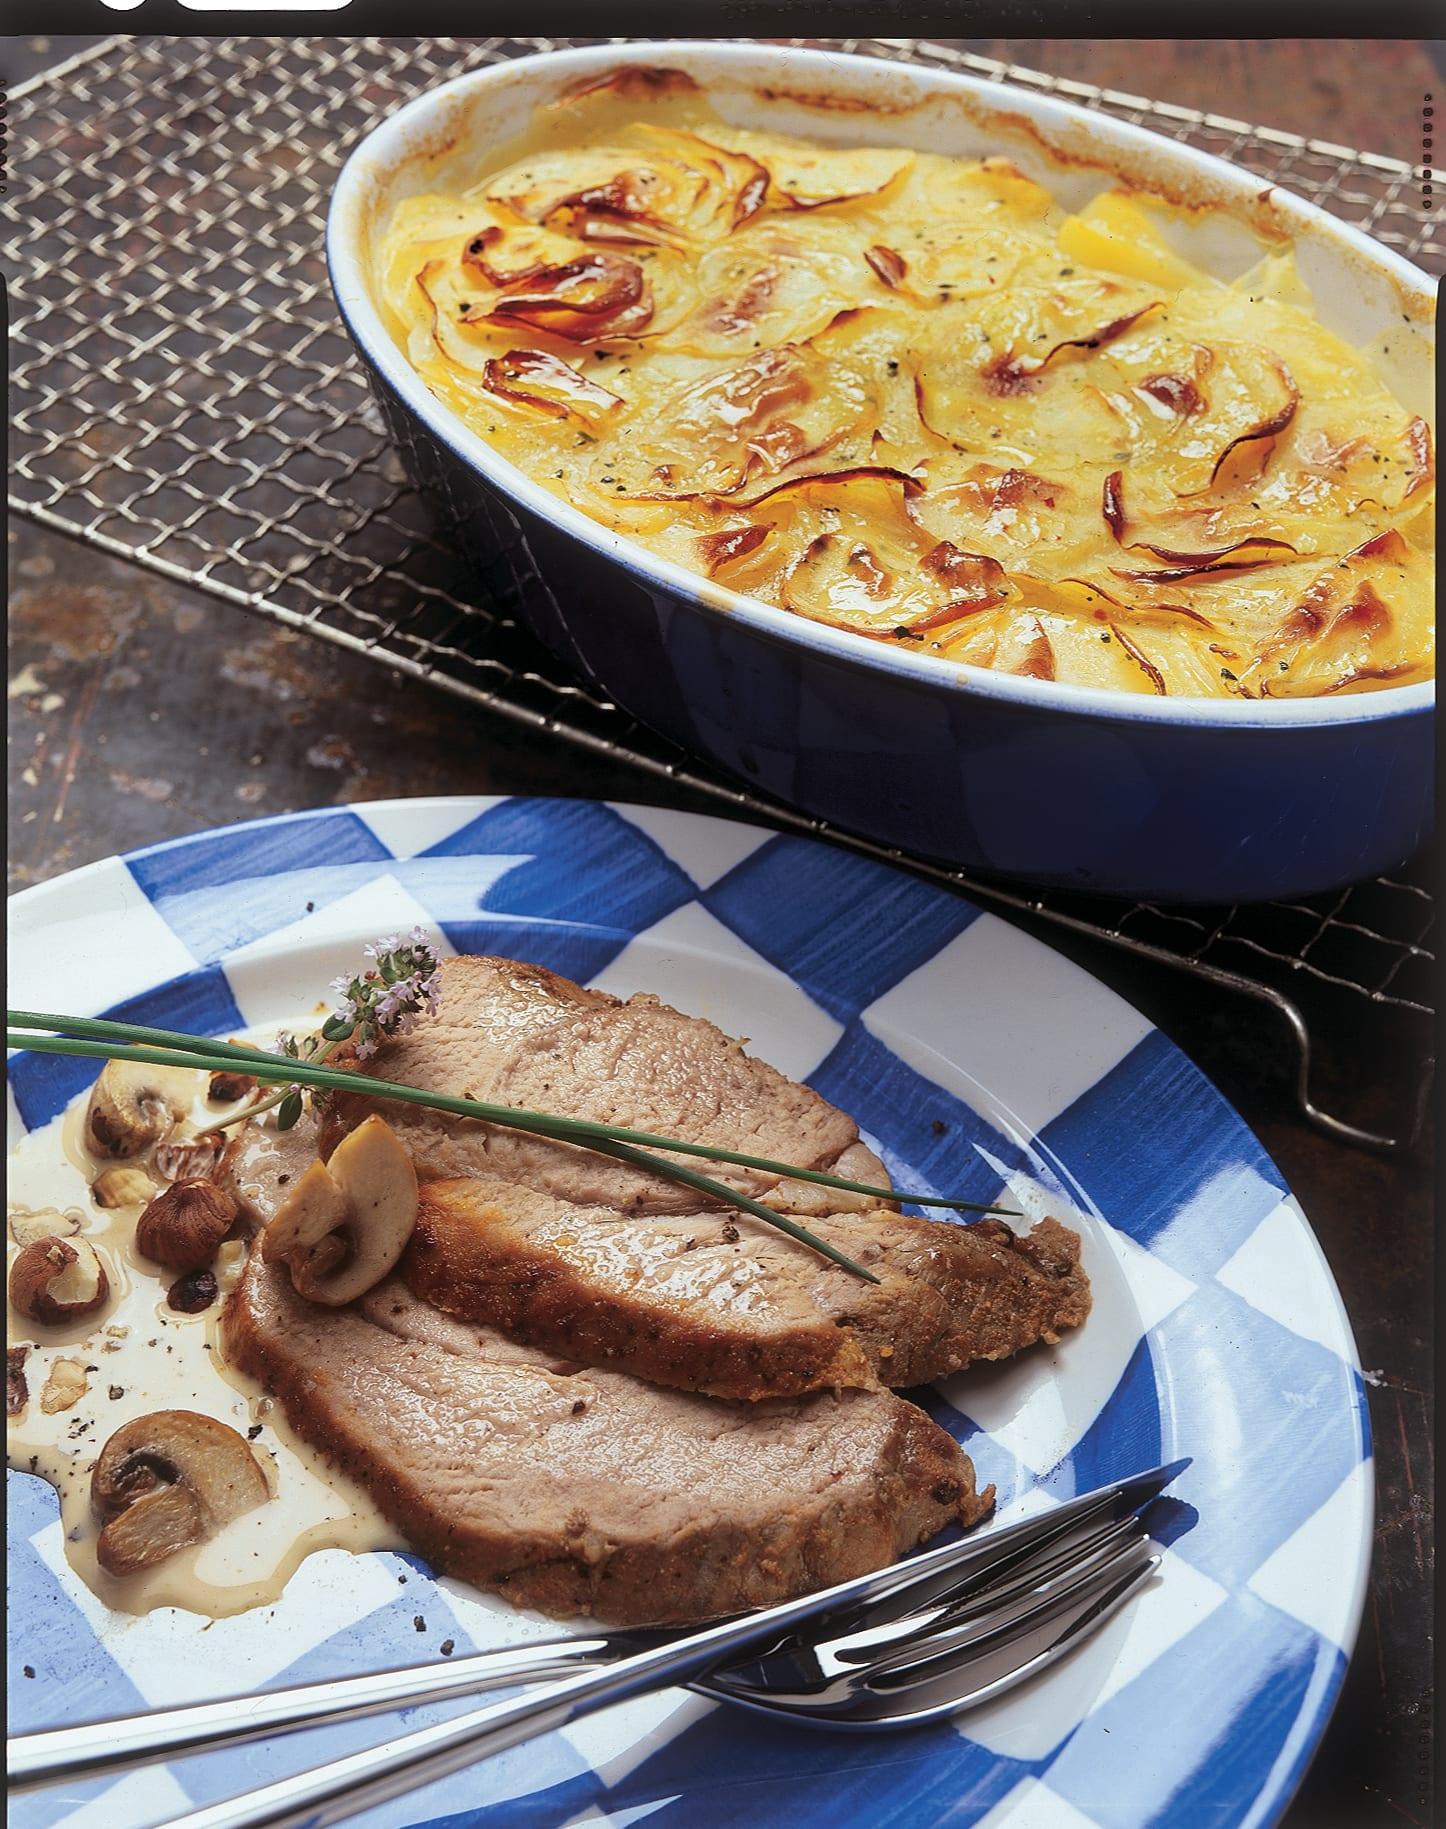 Rôti de veau sauce noisettes-champignons et gratin savoyard